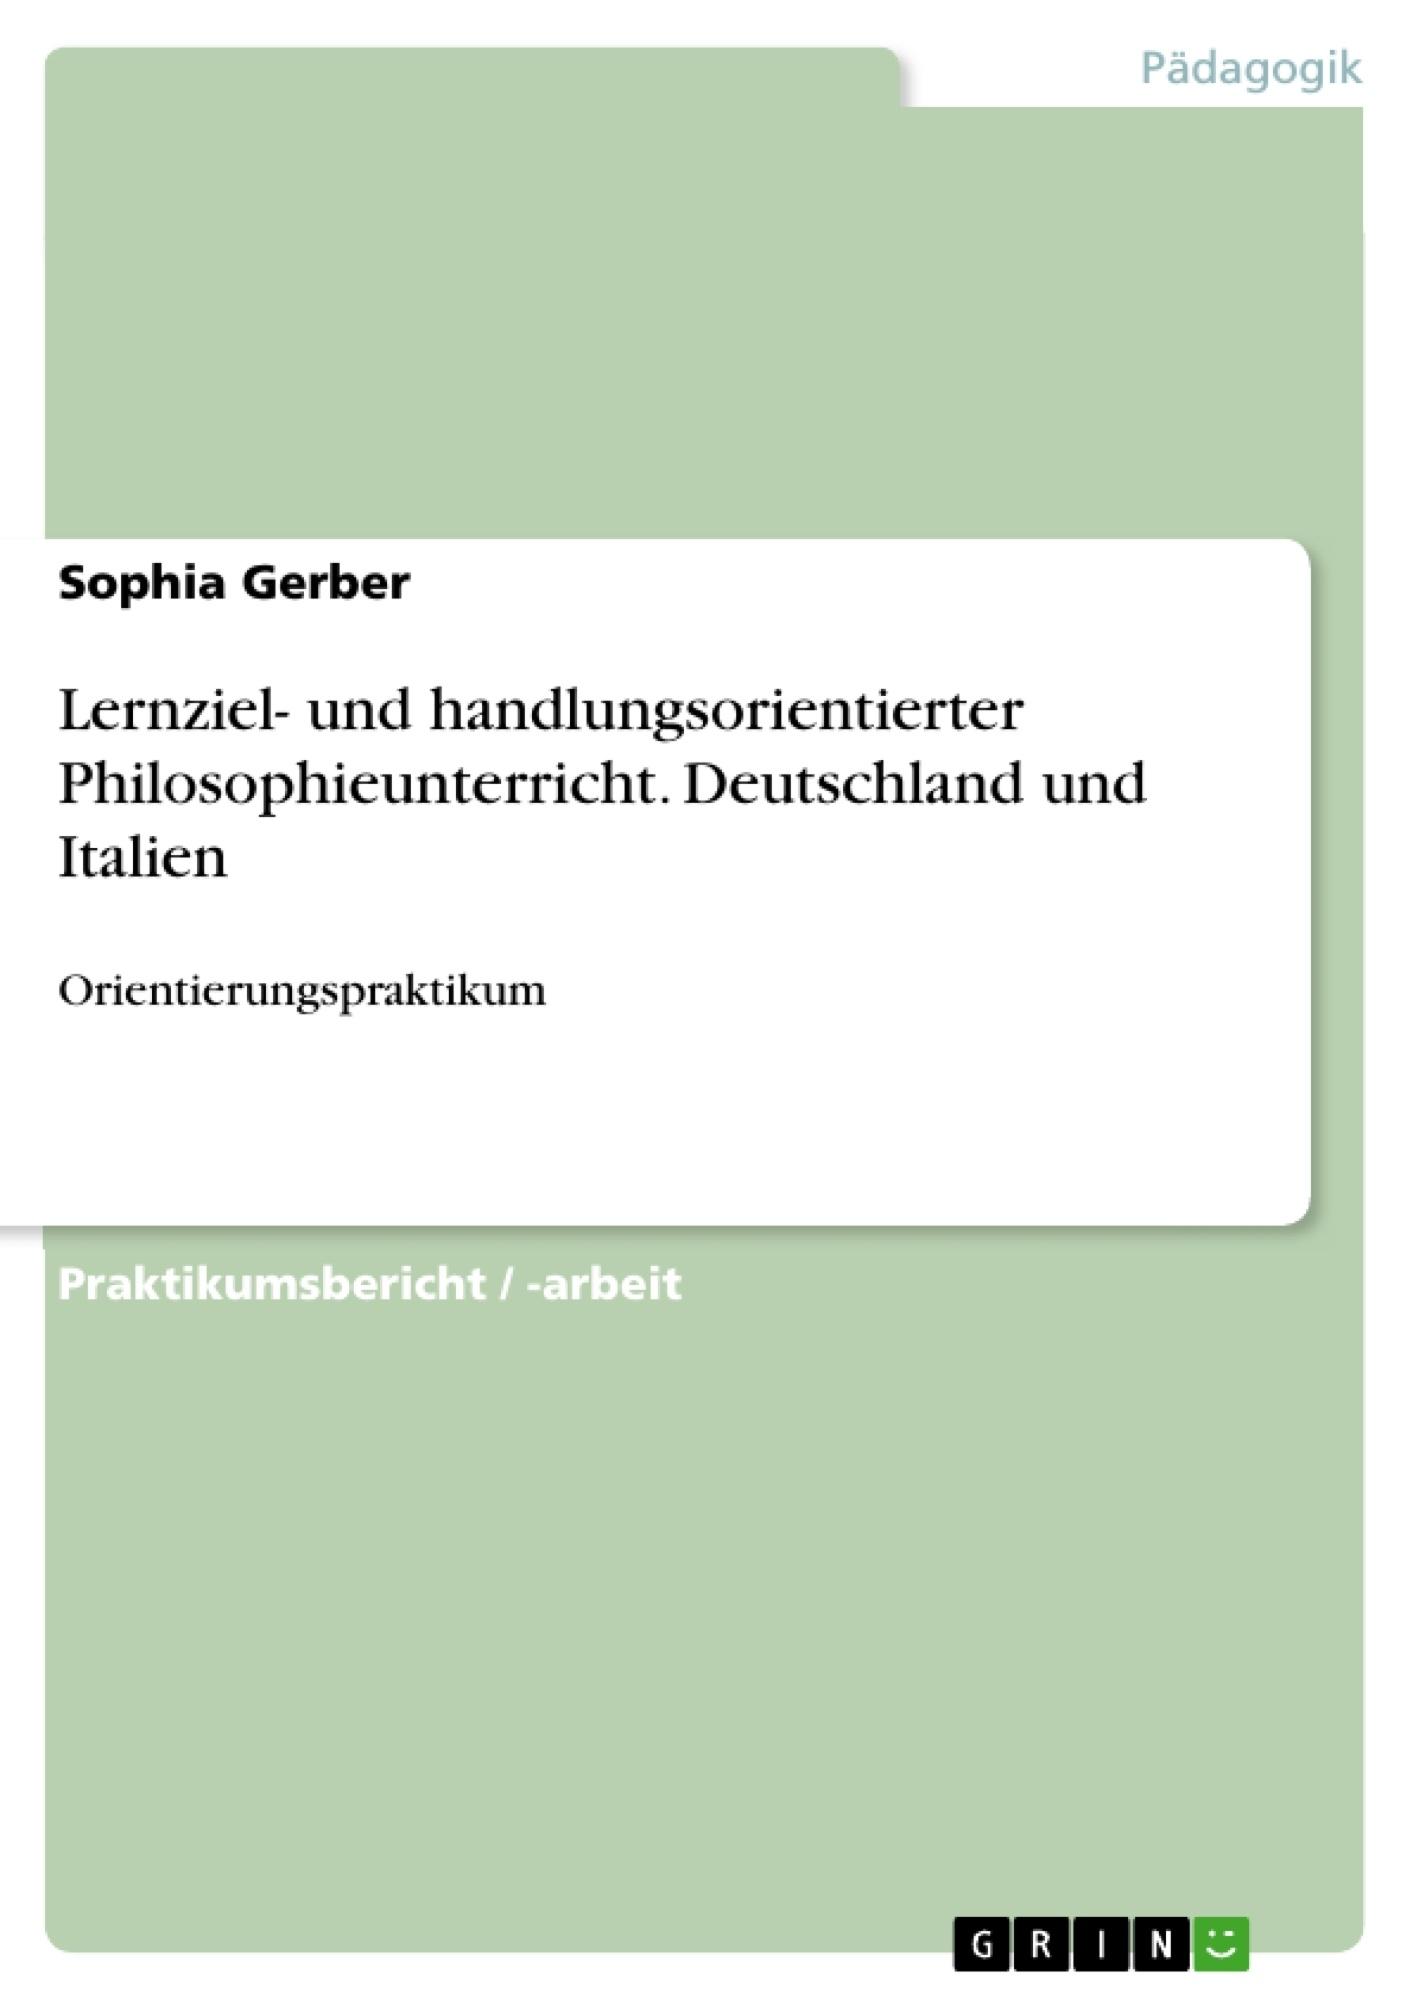 Titel: Lernziel- und handlungsorientierter Philosophieunterricht. Deutschland und Italien